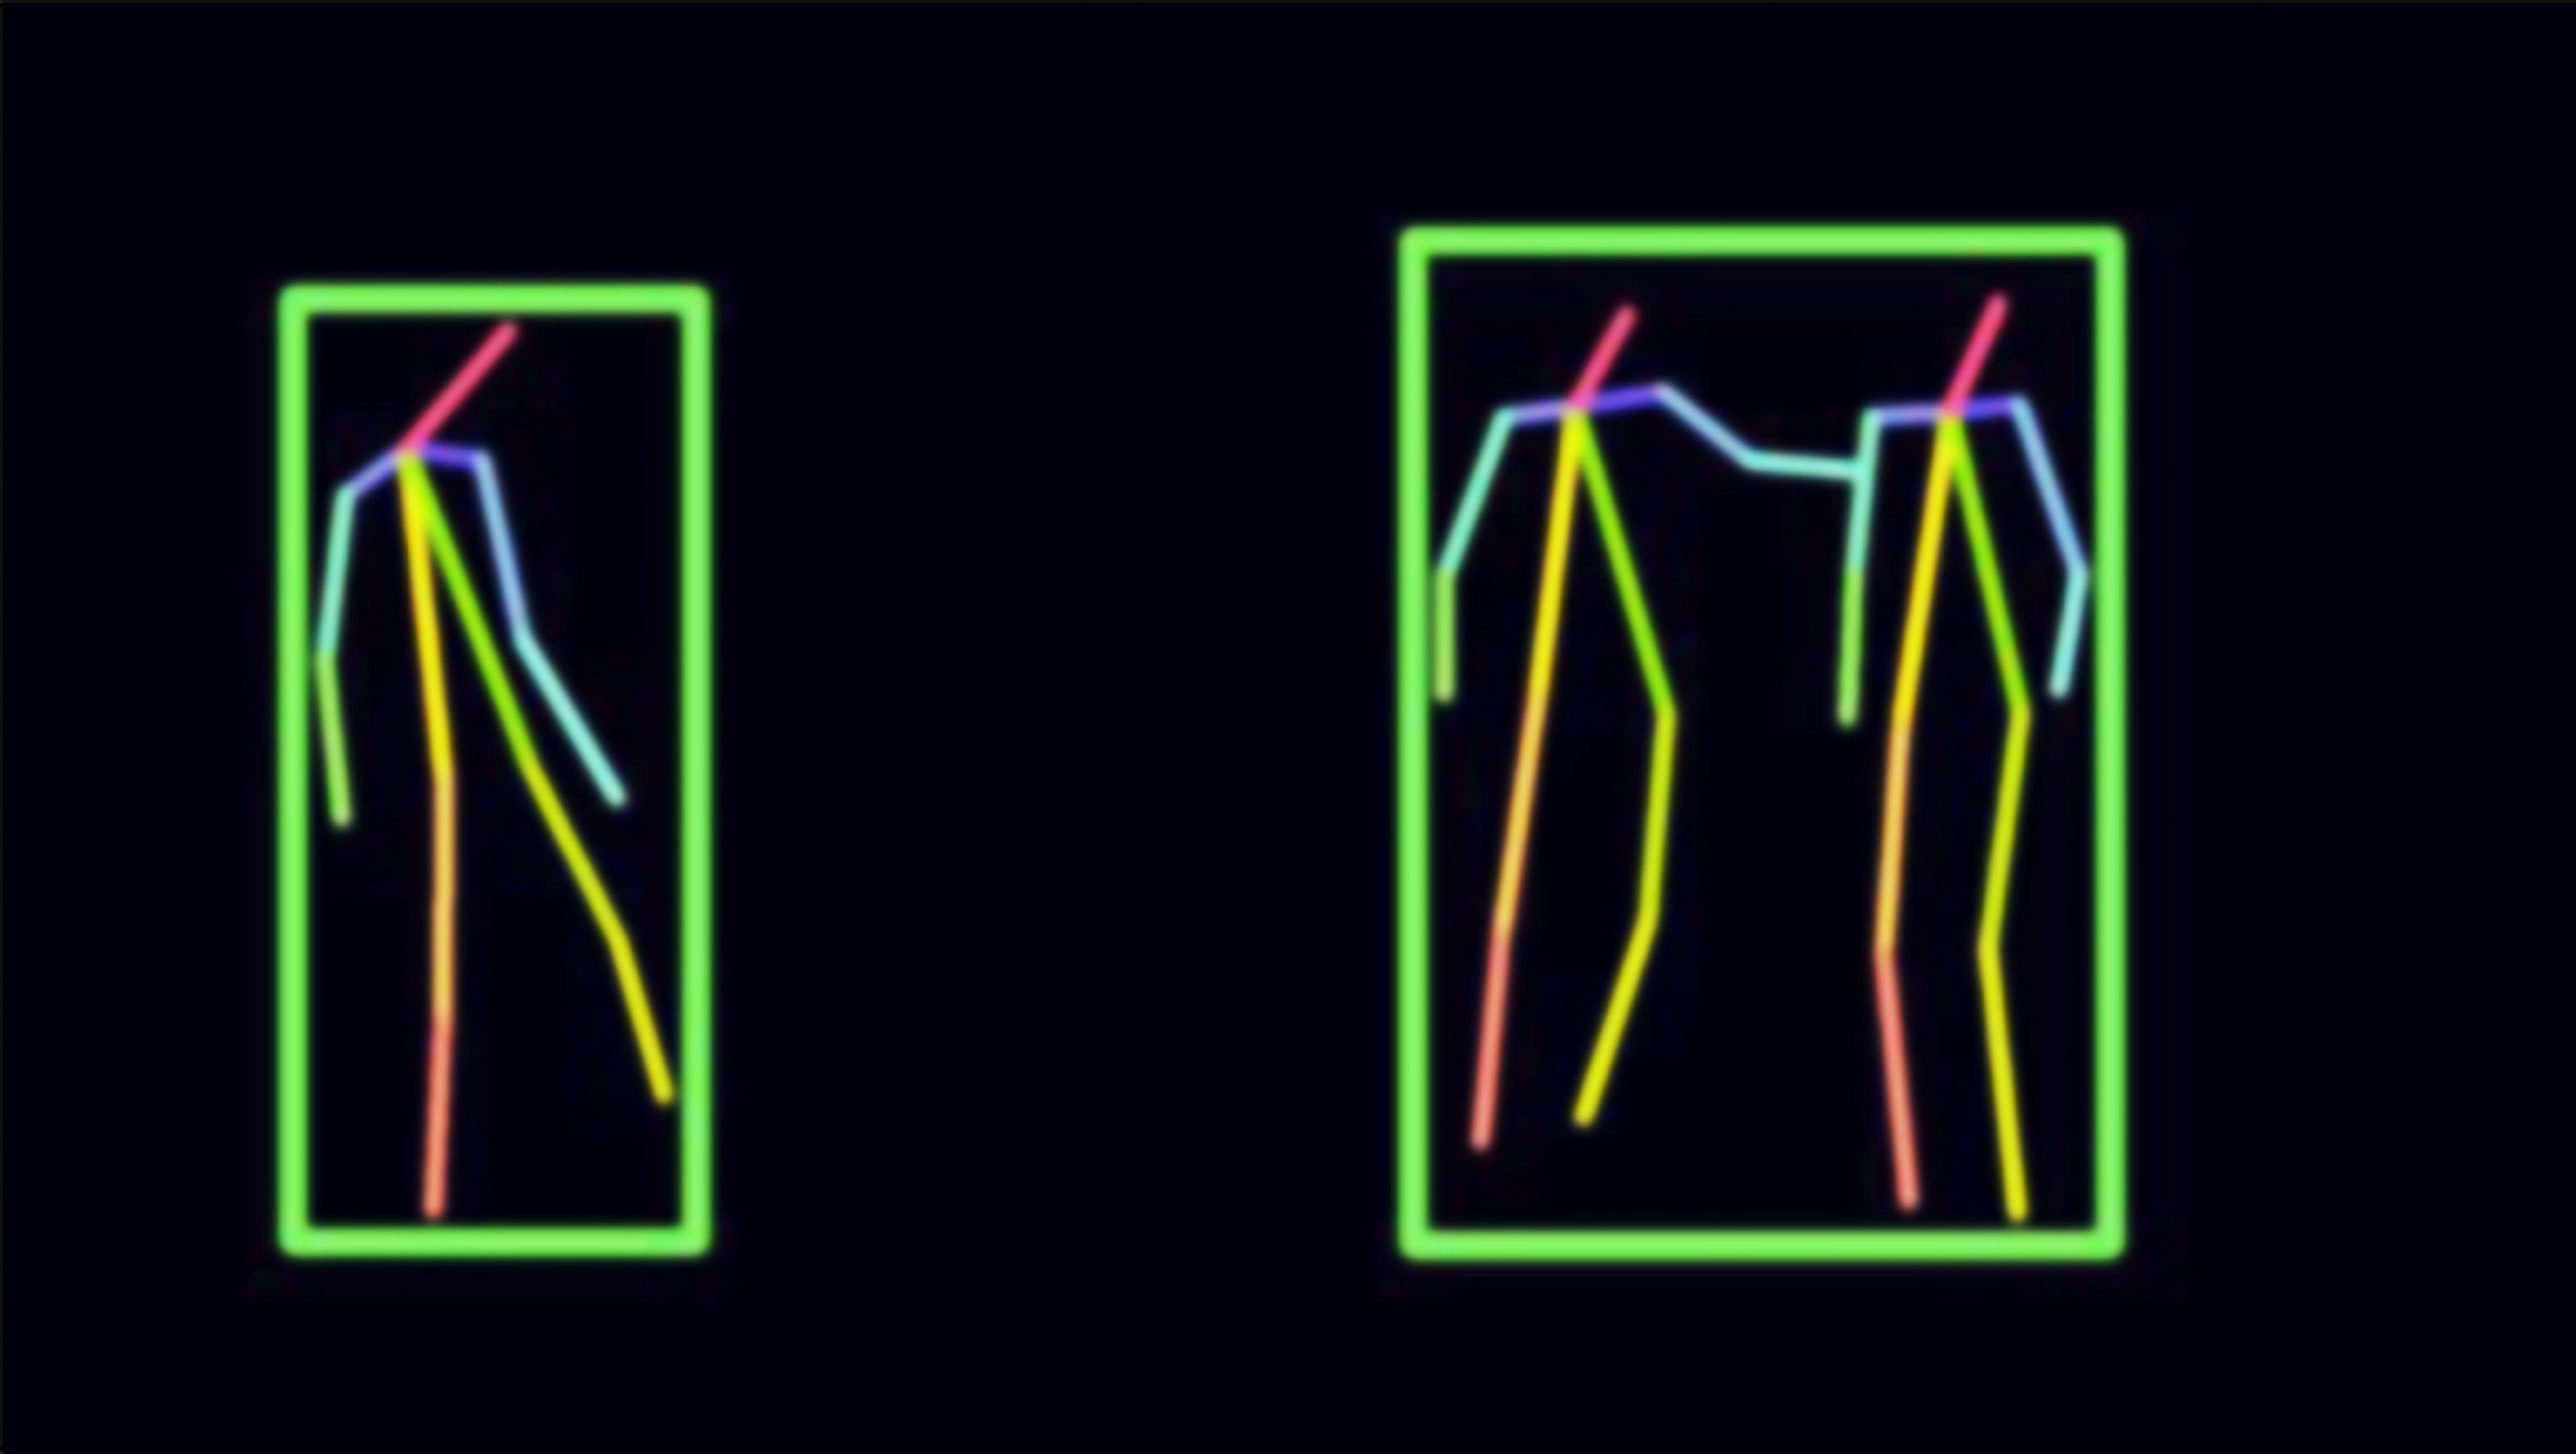 壁の向こうの行動を認識、MITが開発した電波ビジョンの新手法